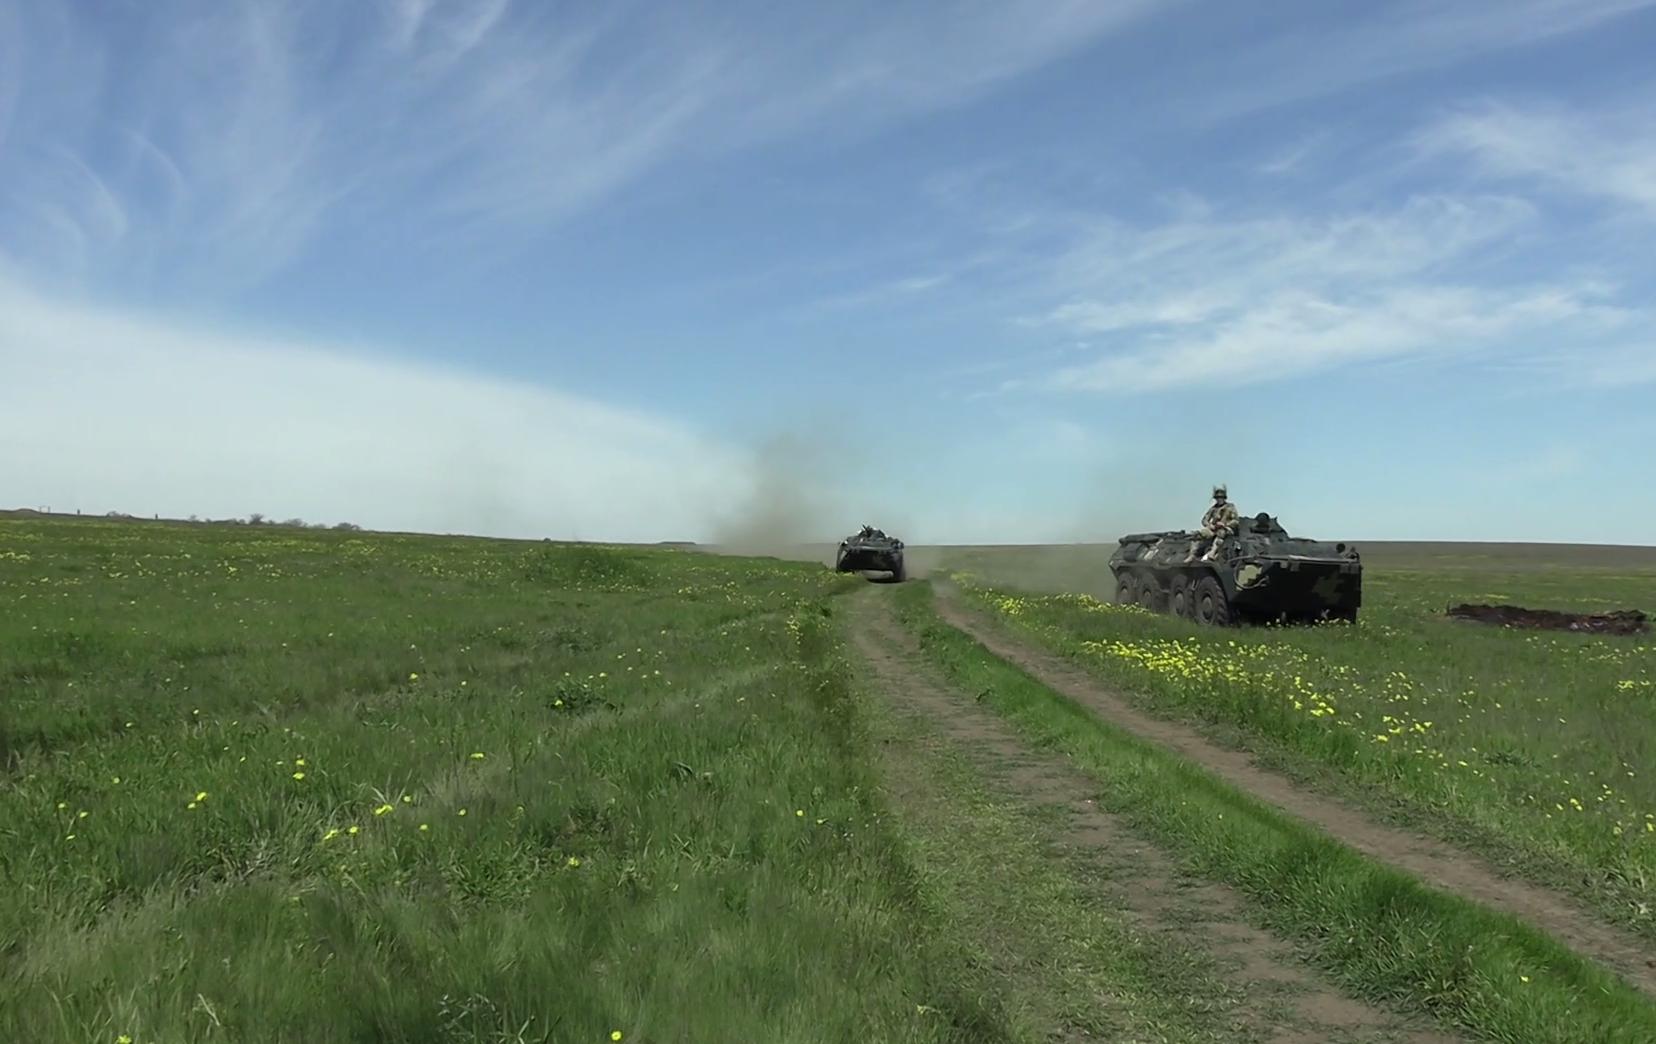 Воїни ЗСУ працювали в наближених до бойових умовах